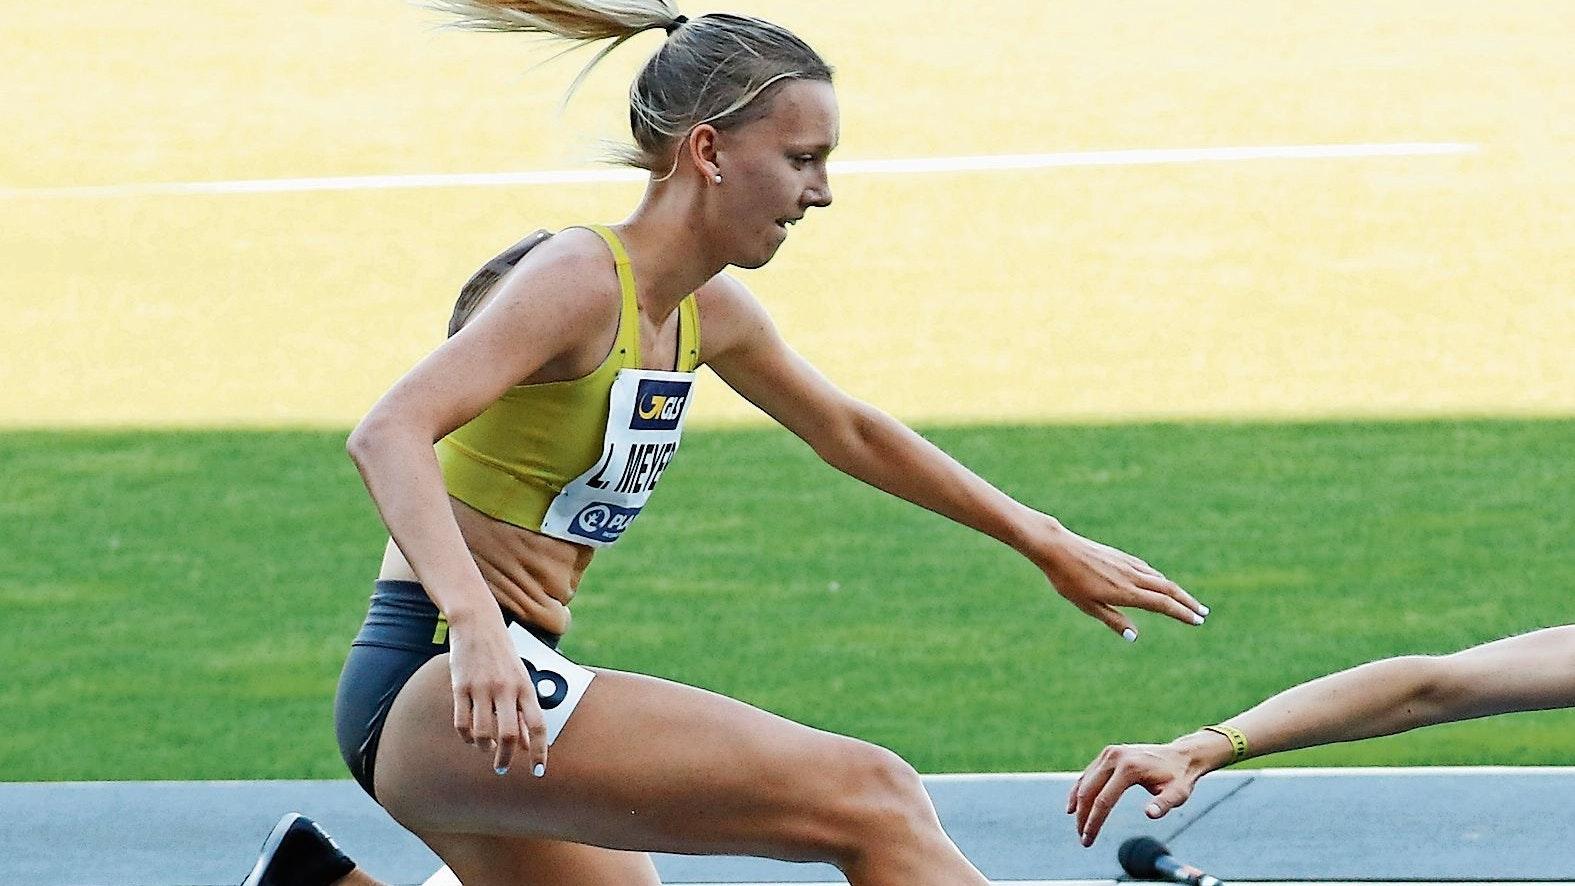 Großen Sprung gemacht: Lea Meyer, Läuferin des VfL Löningen, hat sich im Jahr 2021 über die 3000 Meter Hindernis enorm verbessert. Foto: Harald Prepens